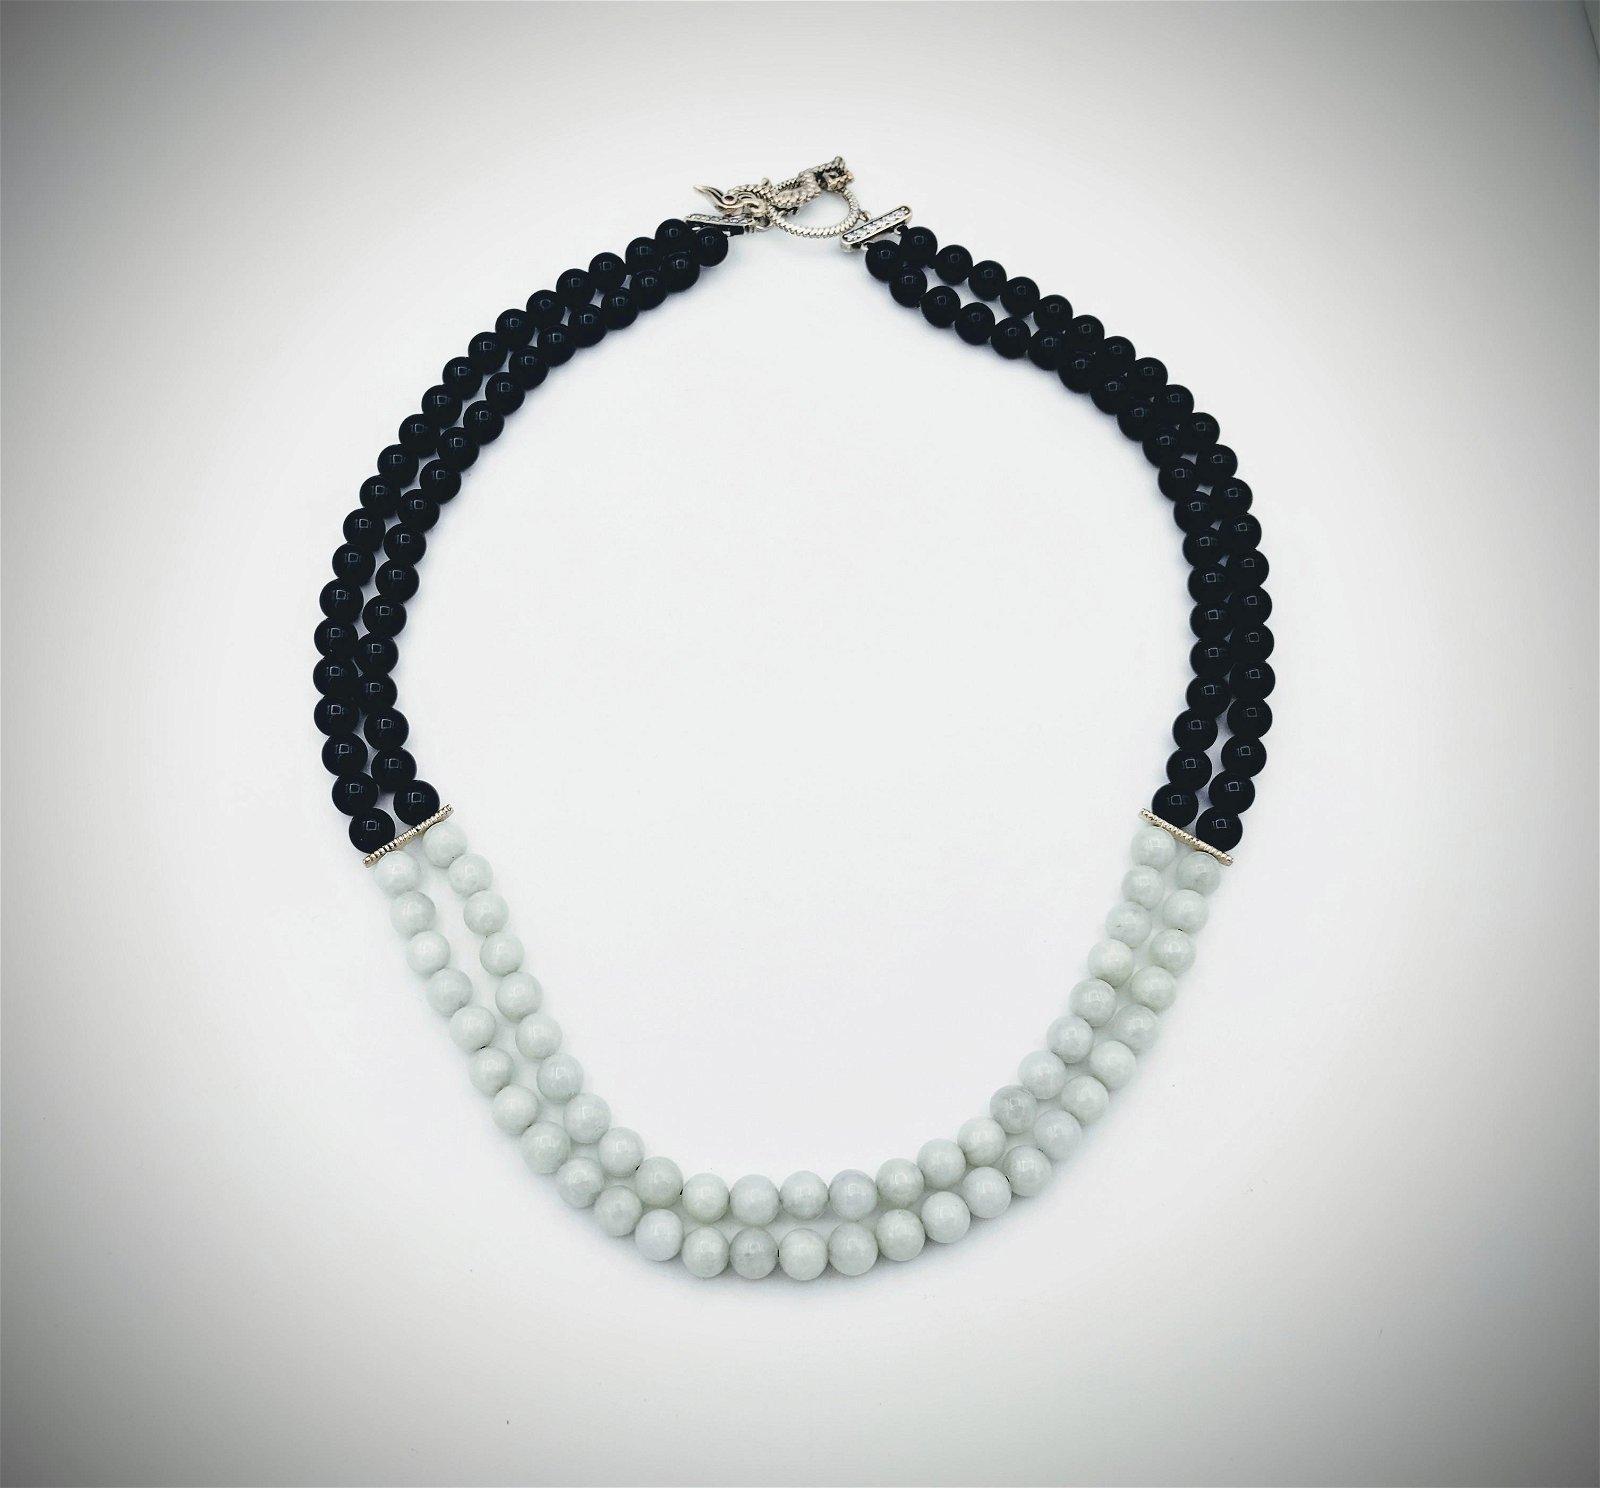 Black Onyx & Jade Beaded Necklace w Amethyst & CZs